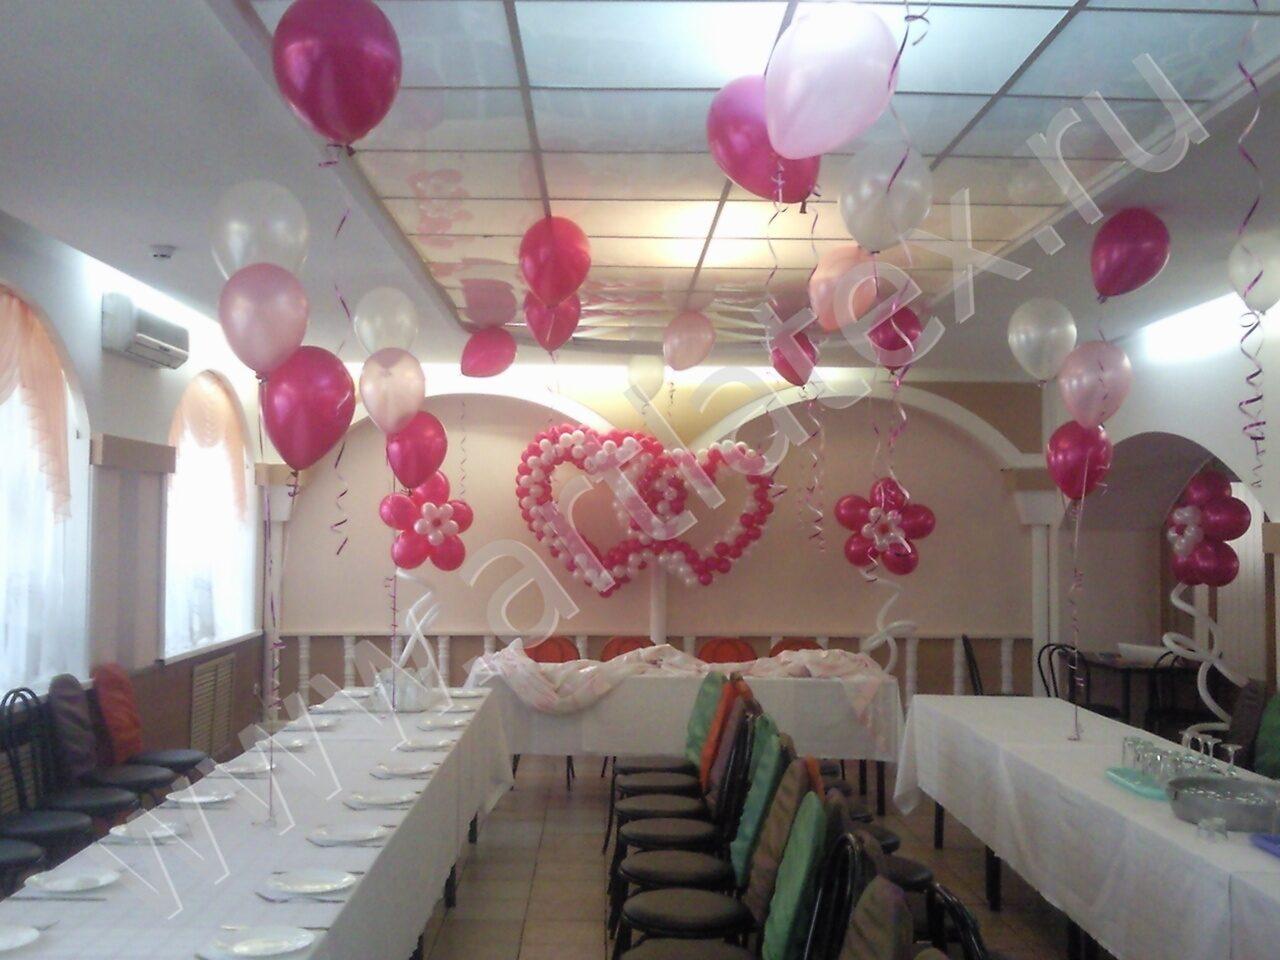 Шары на свадьбе: 40 идей с фото Снова Праздник! 17